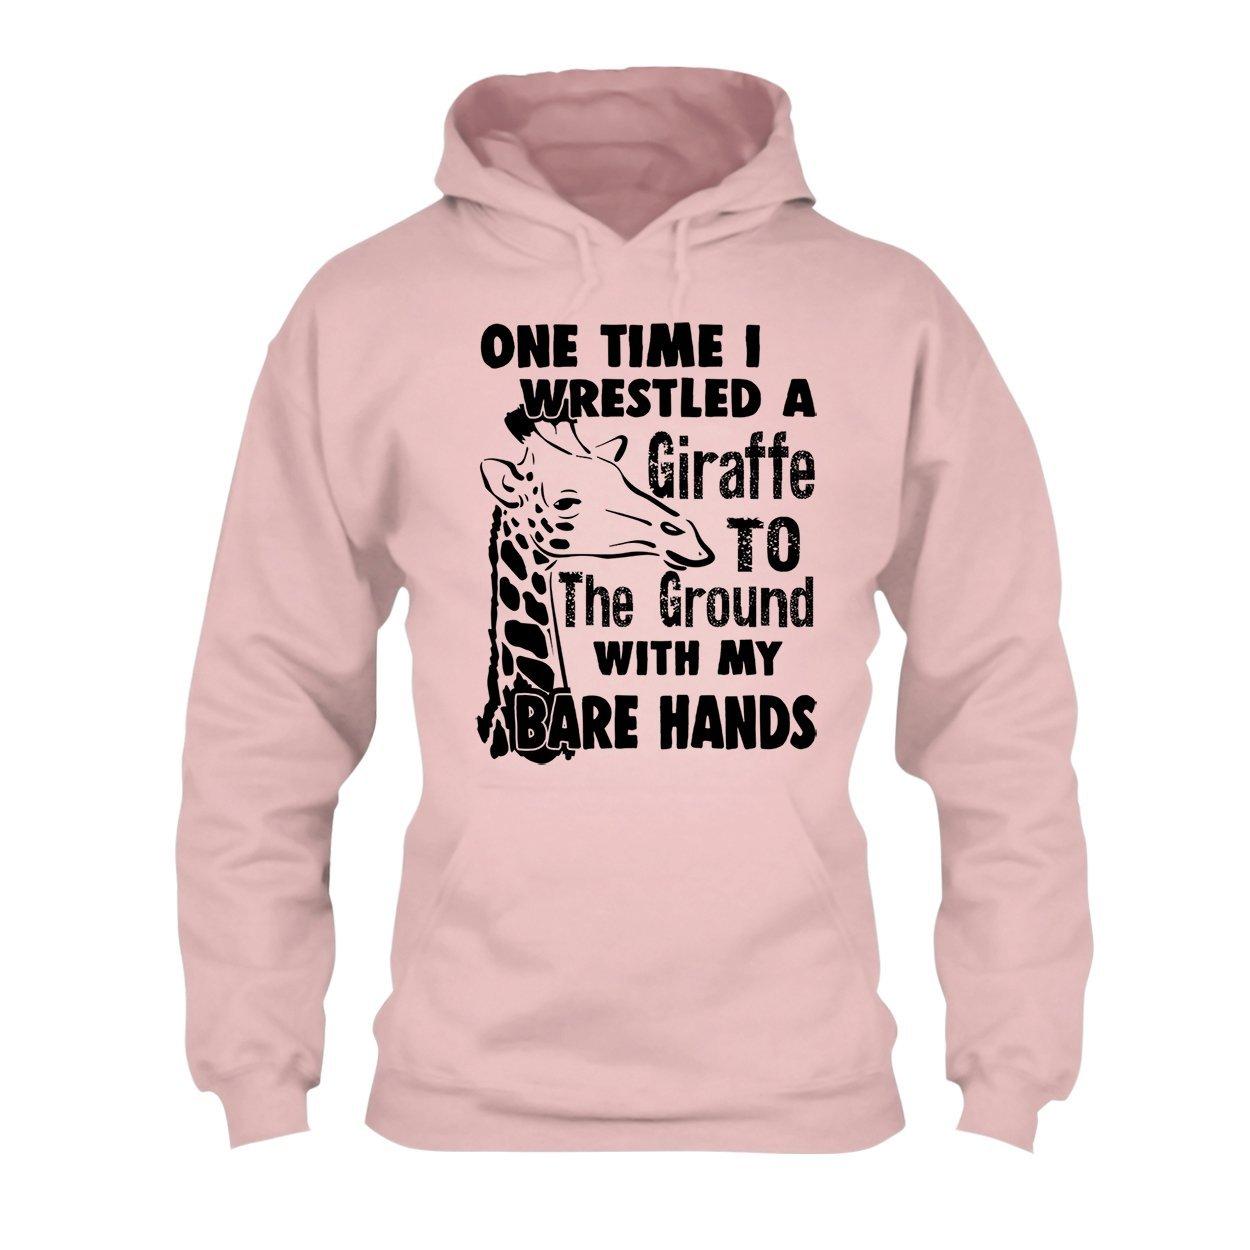 Tee Shirt Mens Shirt I Wrestled A Giraffe Shirt